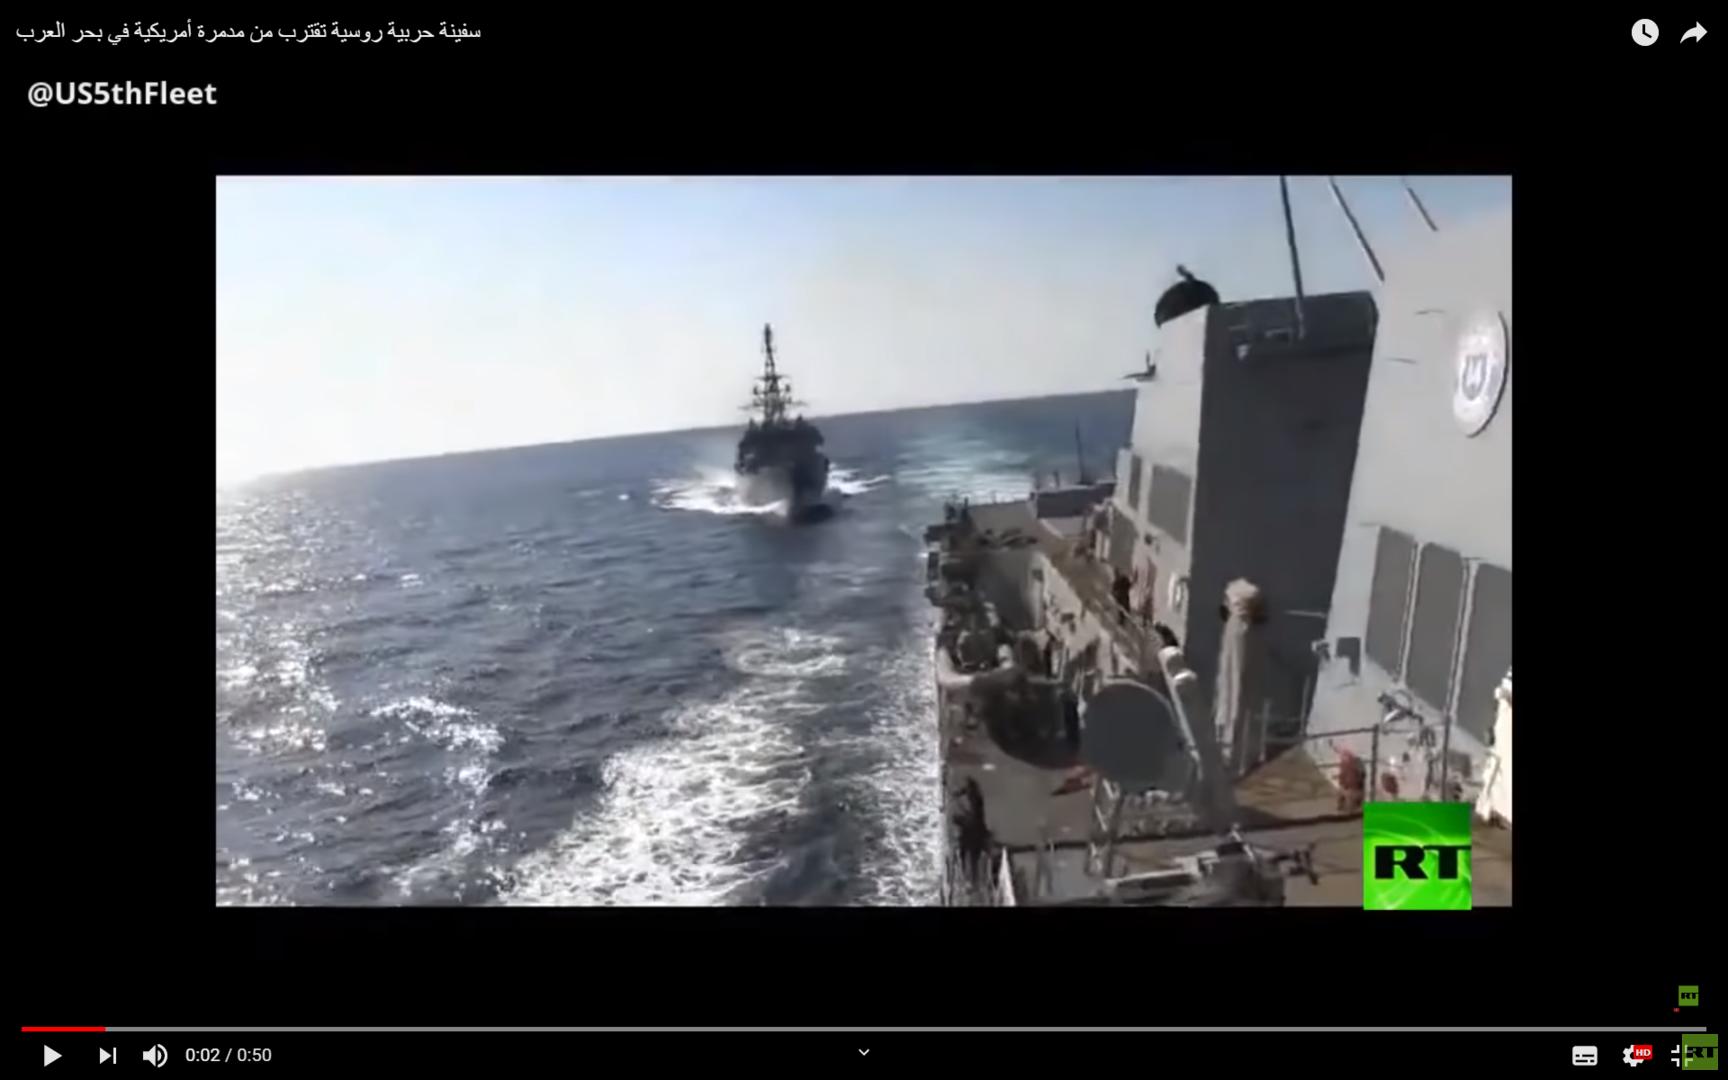 الدفاع الروسية: مدمرة أمريكية تسببت في خطر اصطدام مع سفينة لقواتنا في بحر العرب